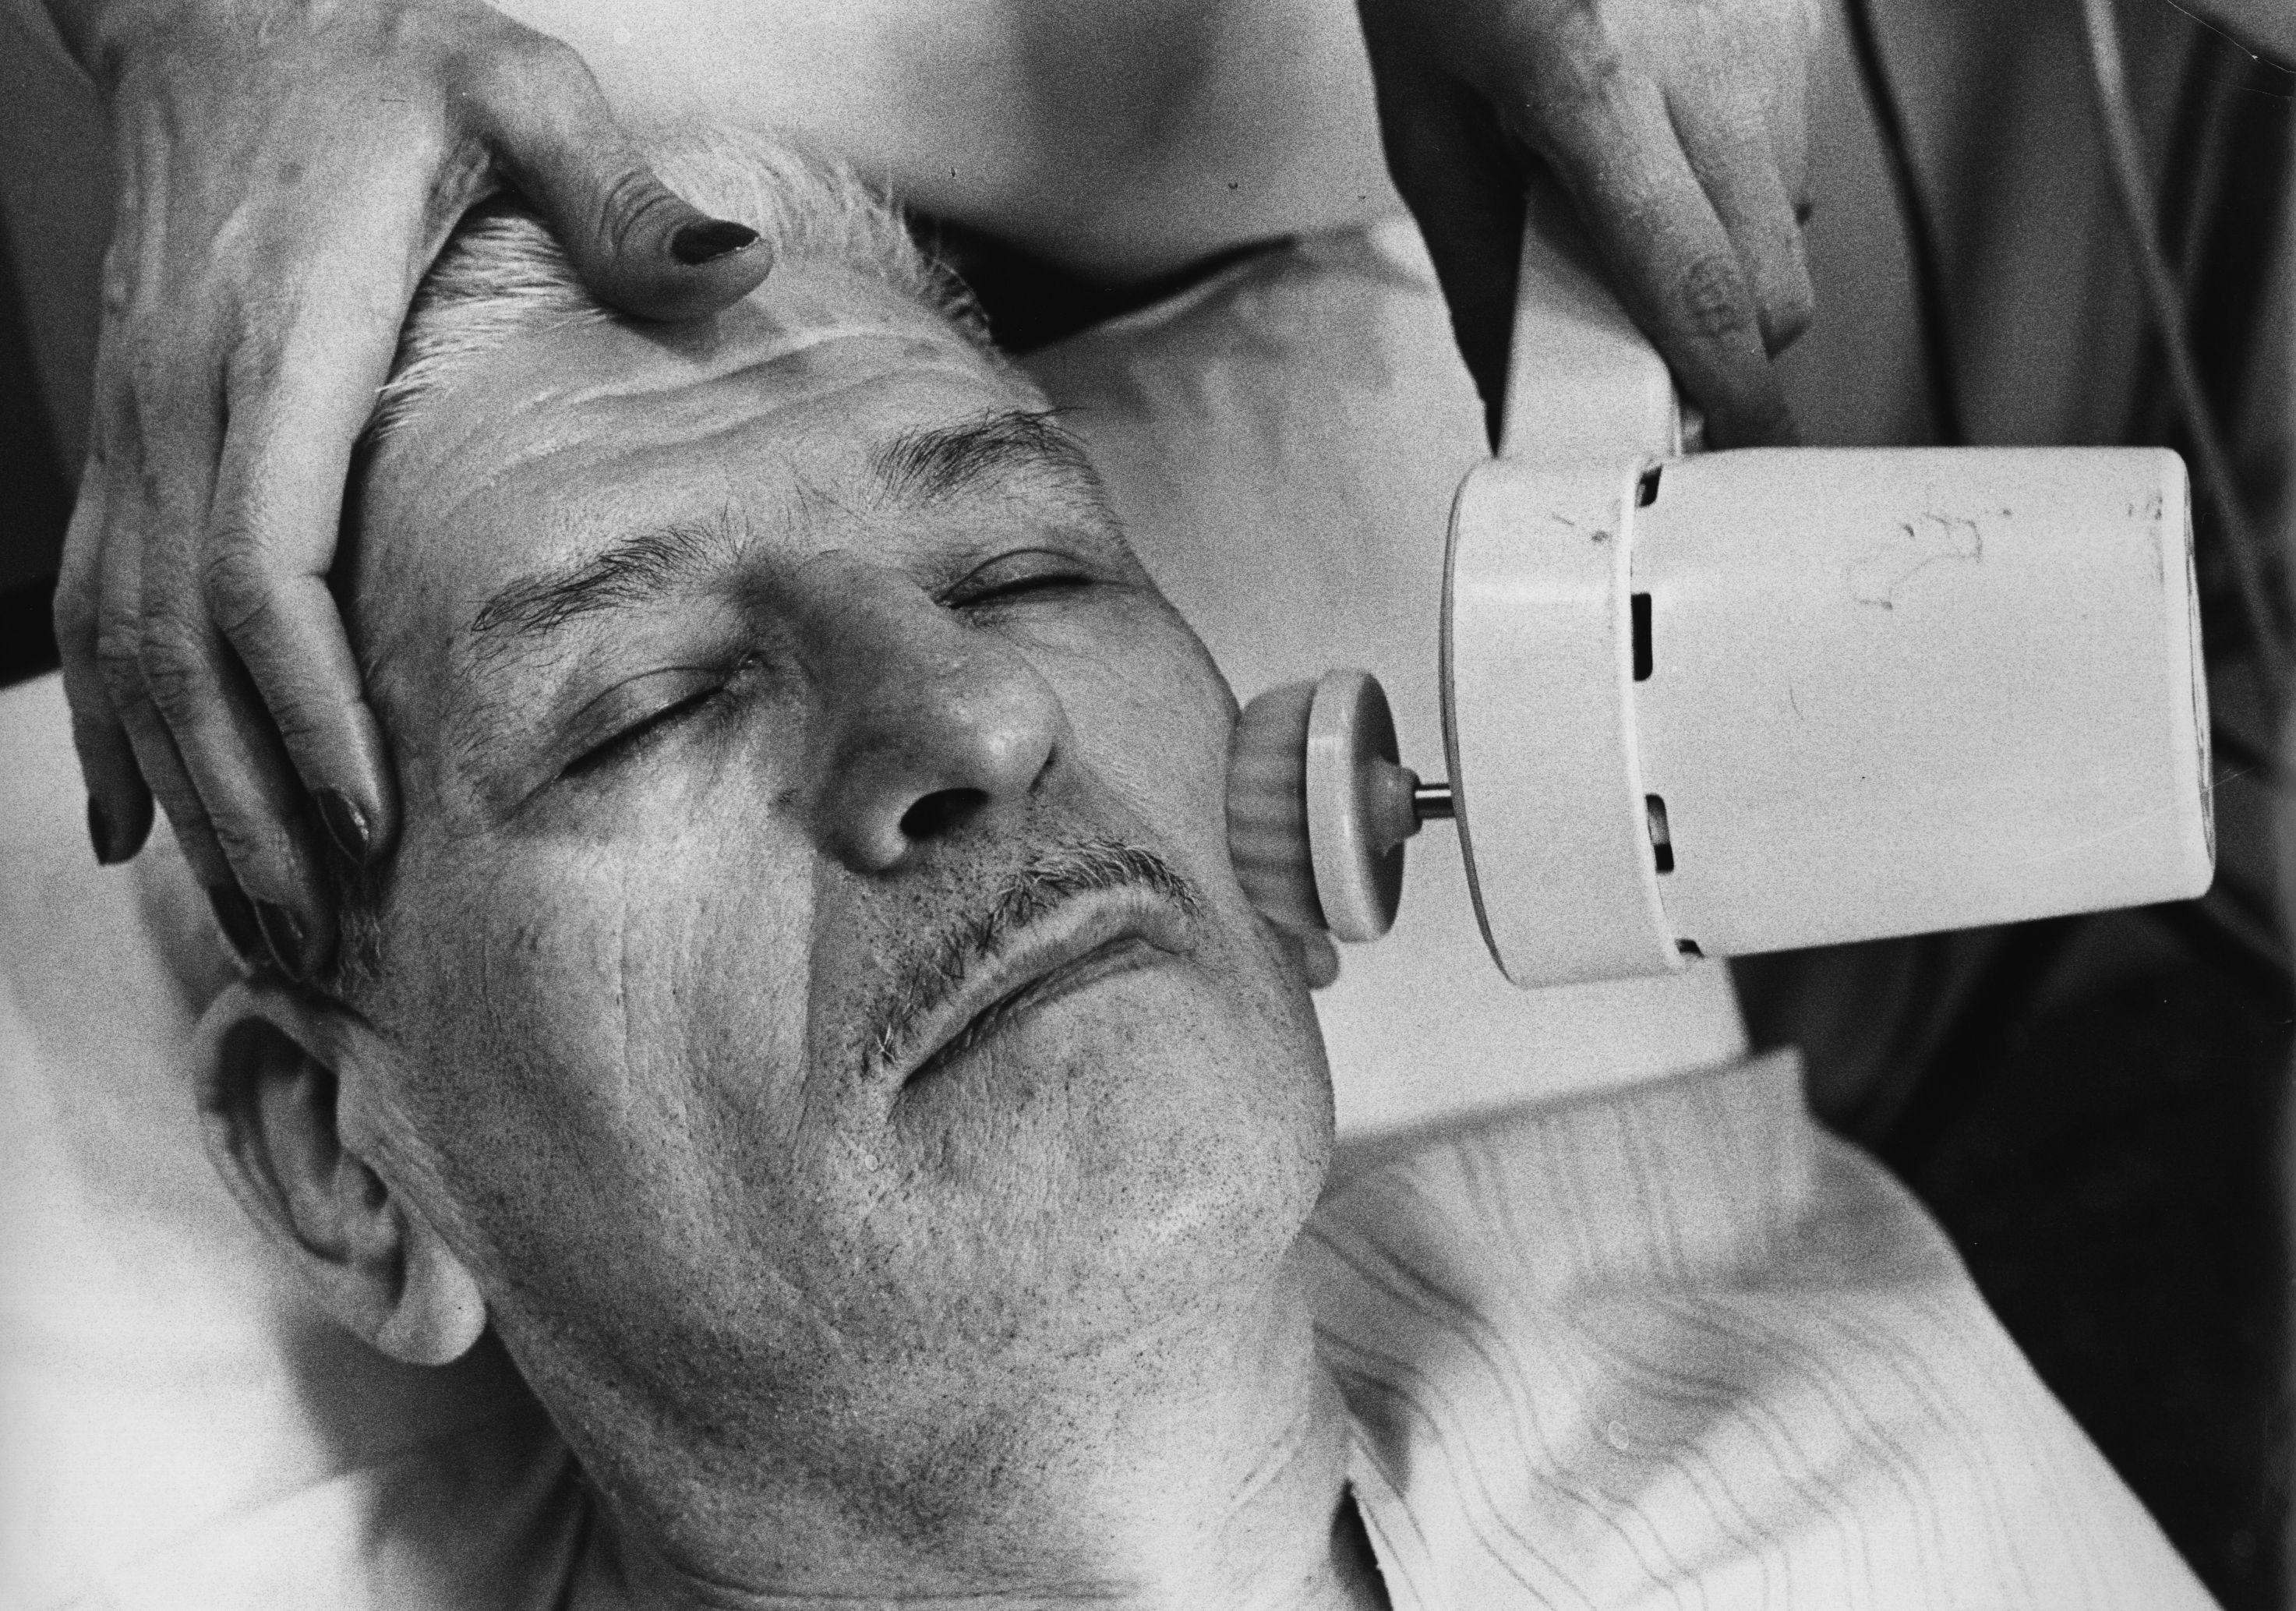 tratamento facial (Foto: gettyimages)